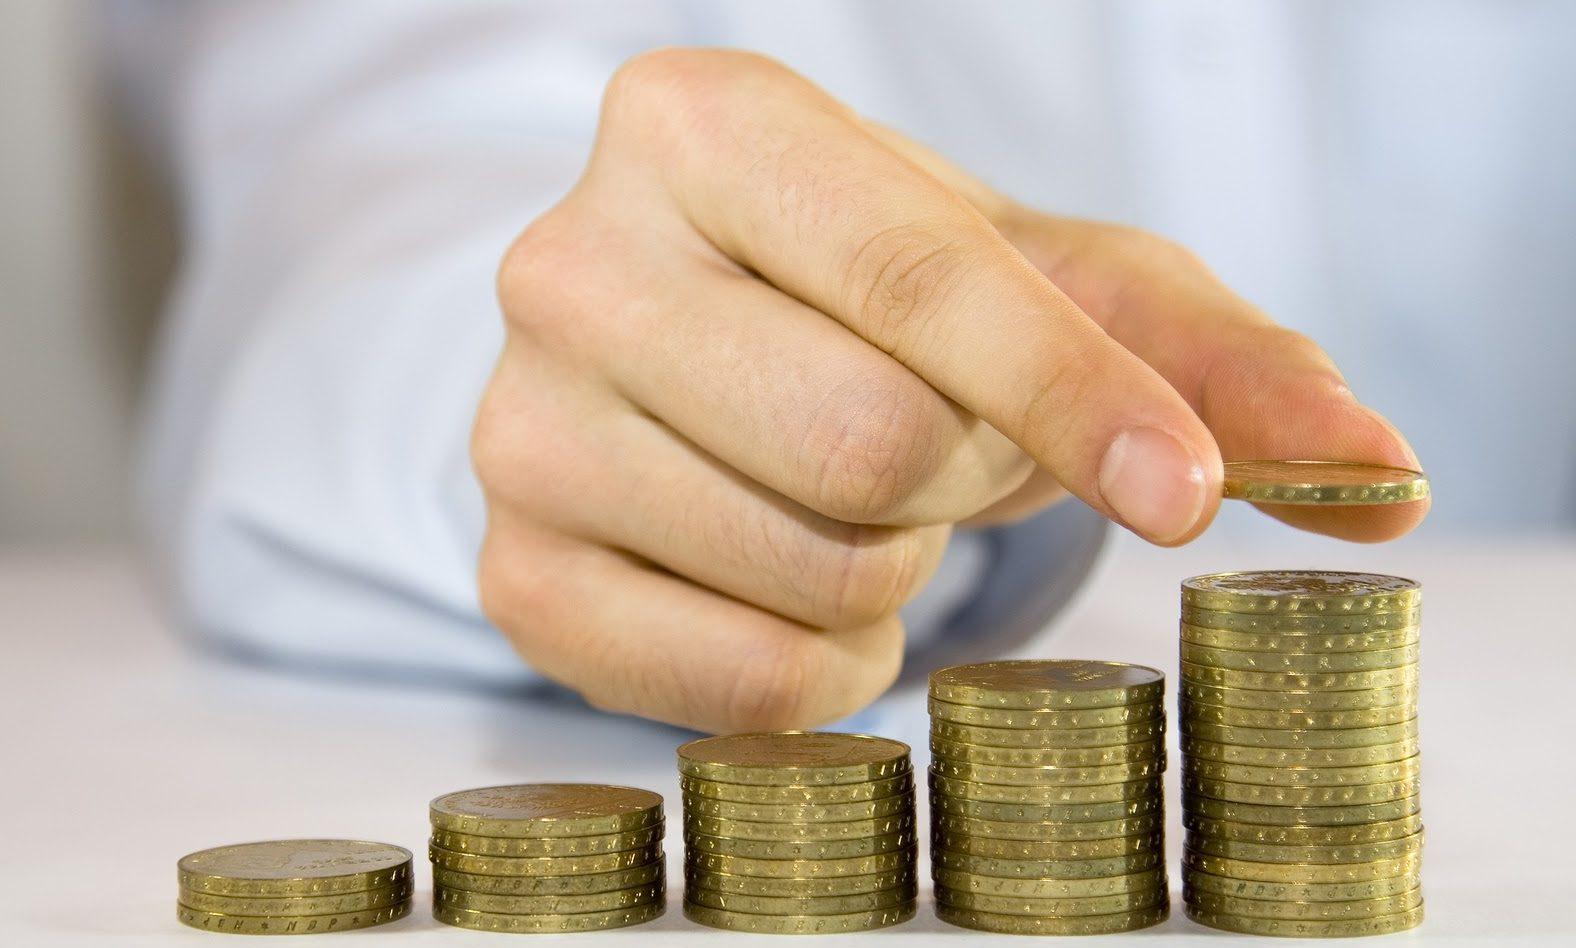 sok pénzt keresni otthon ns kereskedelem